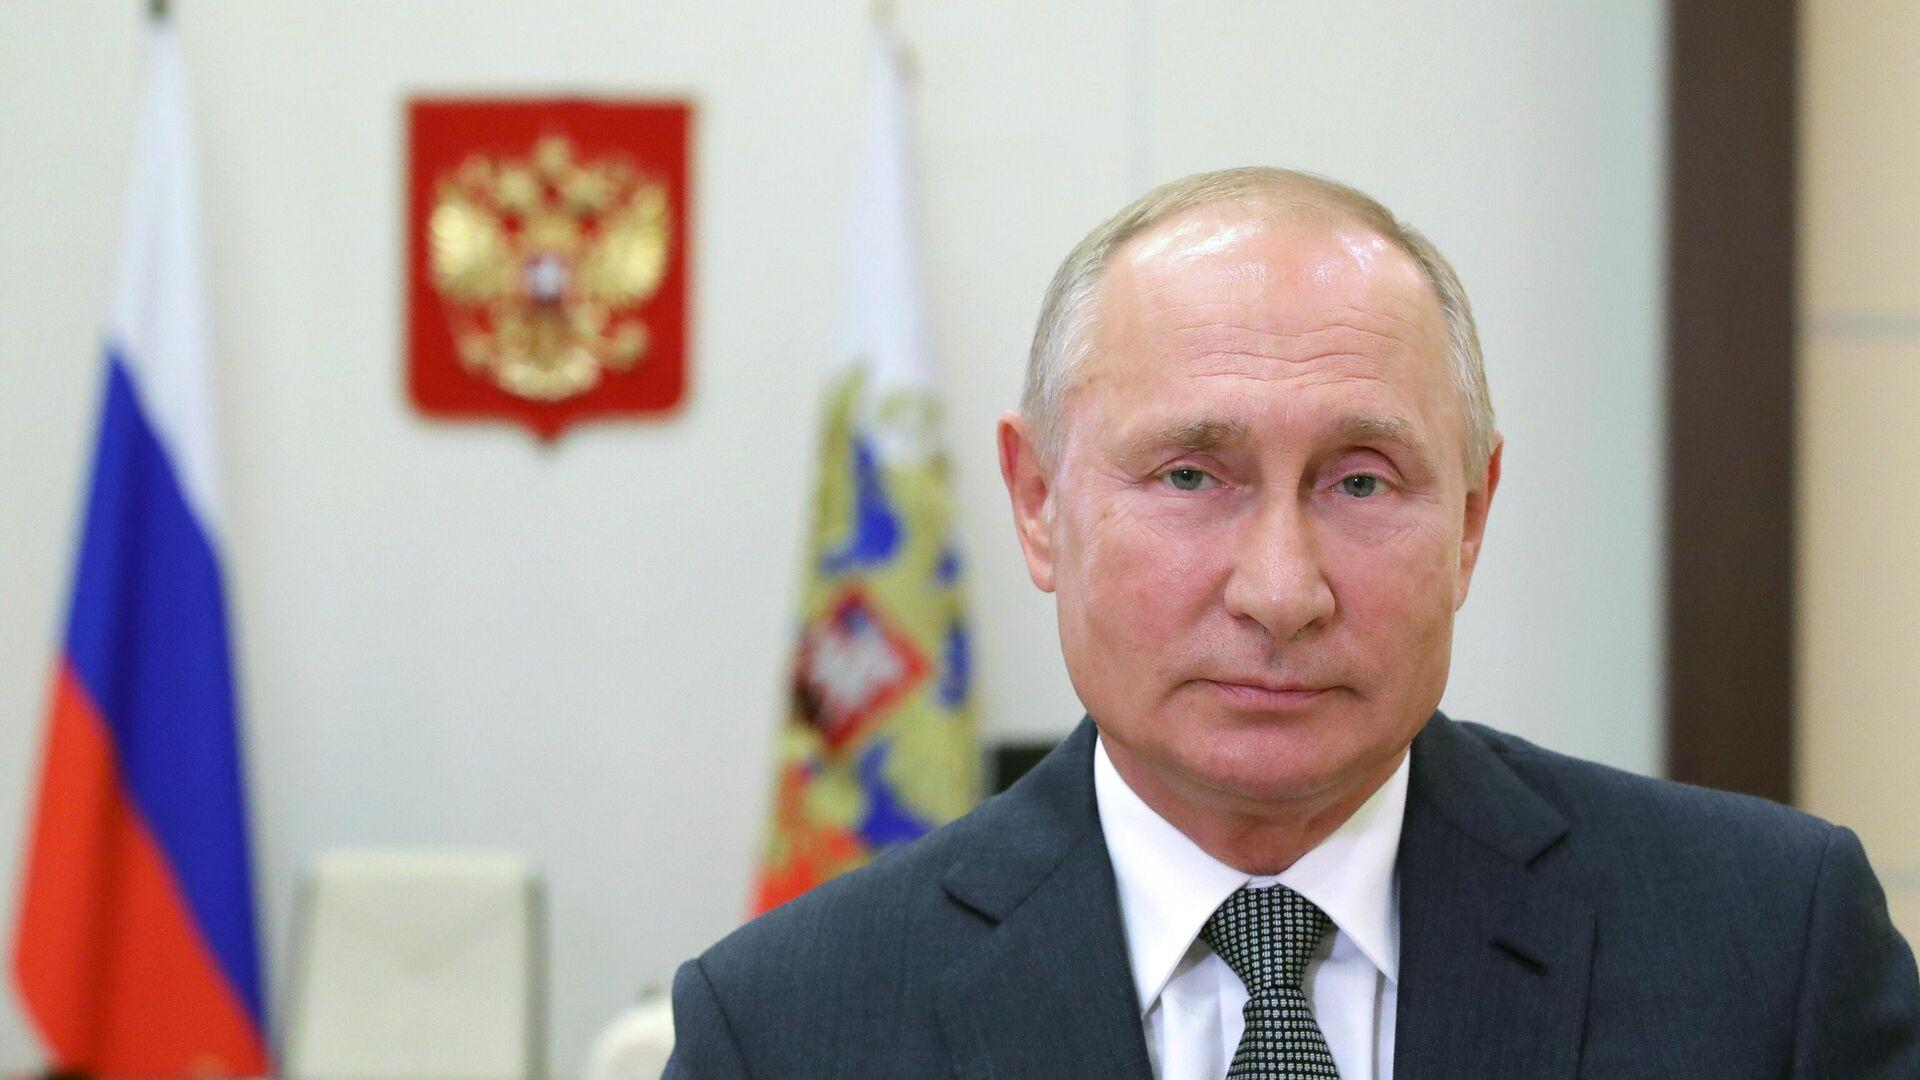 За прошедший год Путин не изменился, заявил Песков